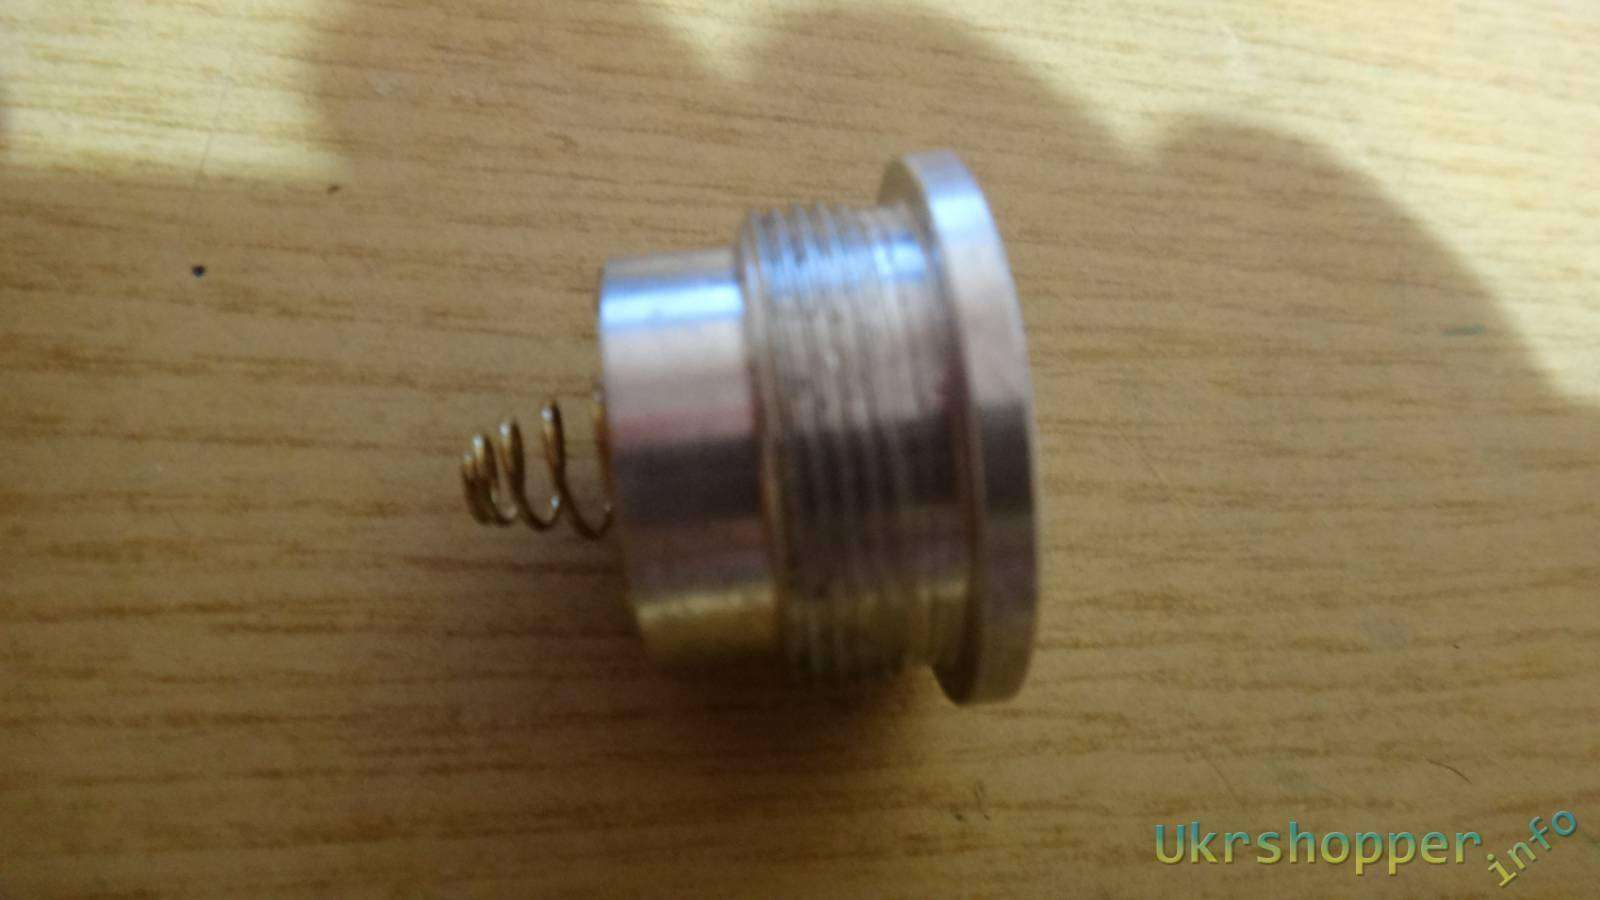 Comebuy.com: Обзор и бимошоты фонаря Ultrafire C12 на 1 светодиоде Cree XM-L T6 1600 люмен